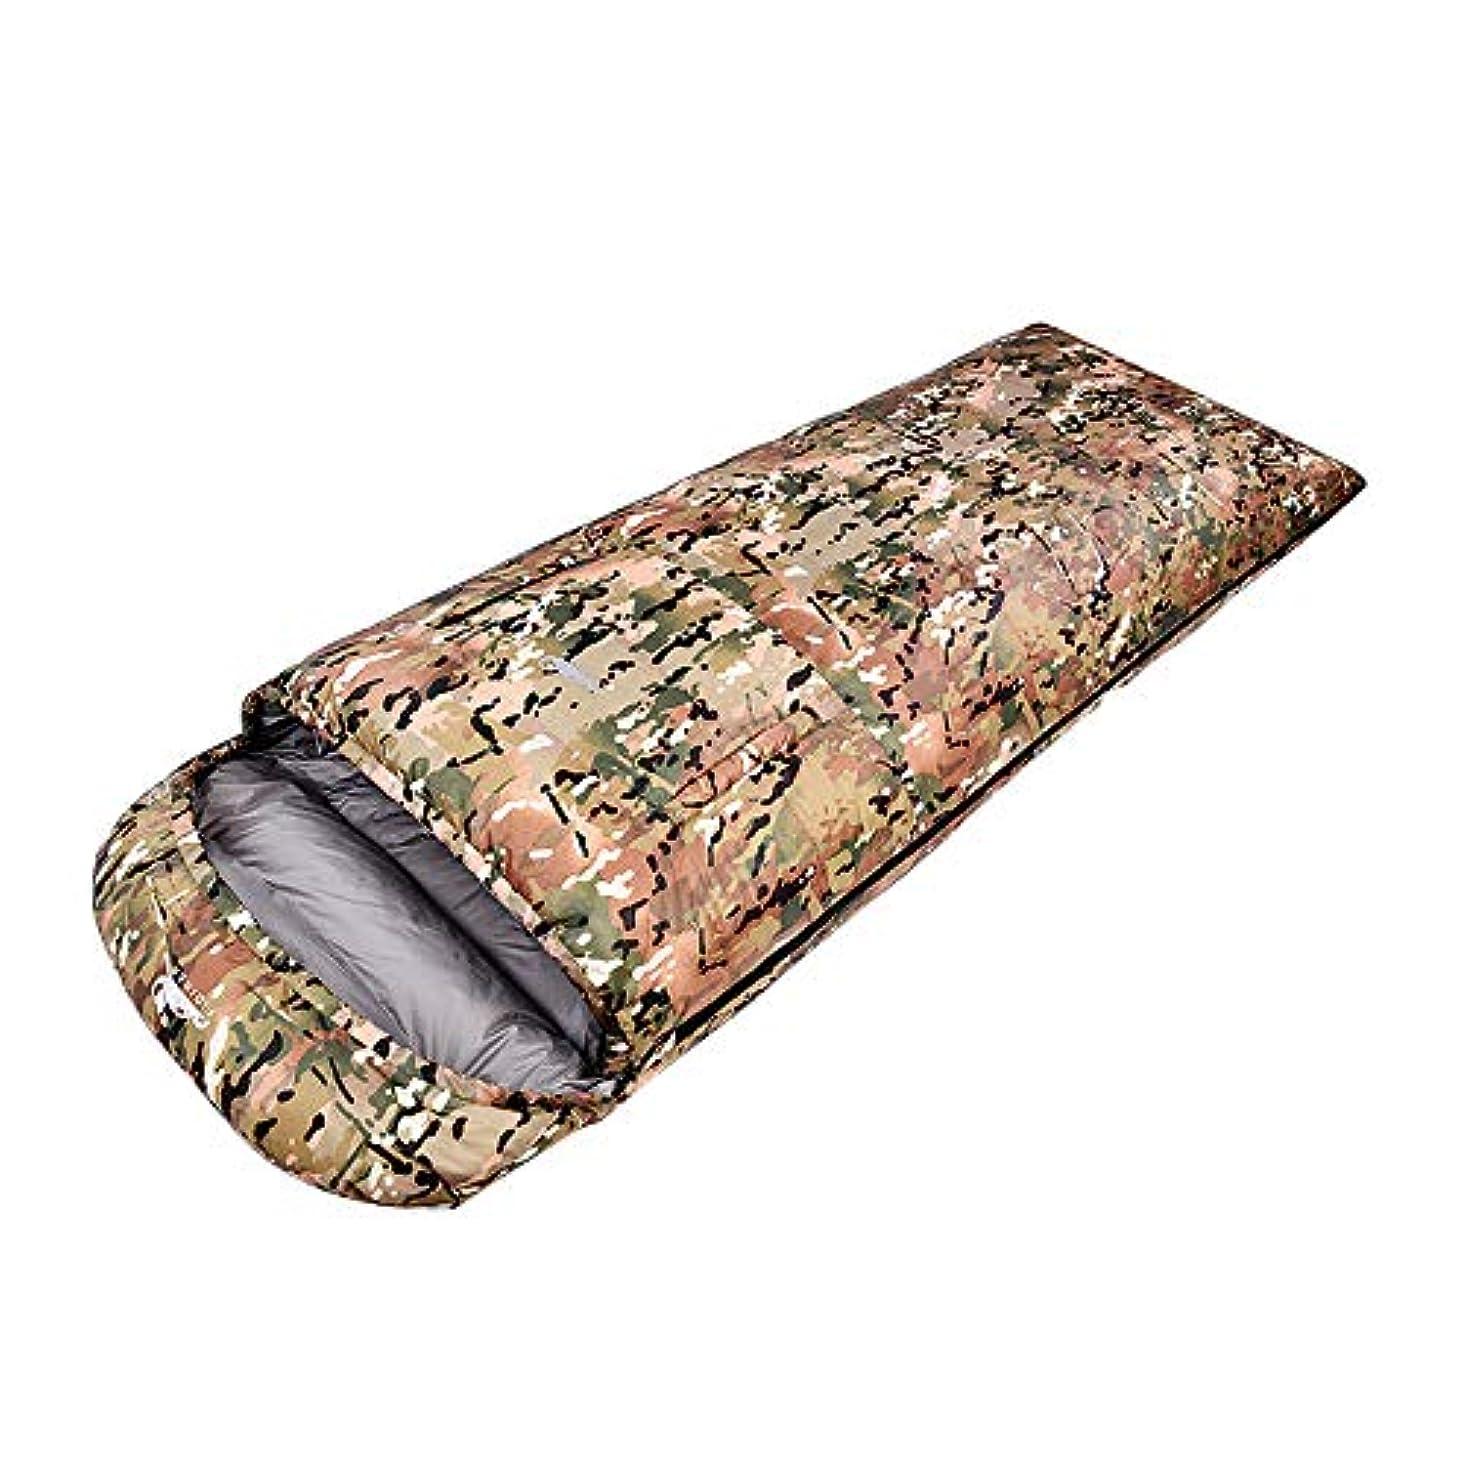 体系的に通行料金ハック寝袋大人の春夏秋冬の屋外肥厚室内キャンプ迷彩シングル野生の寝袋